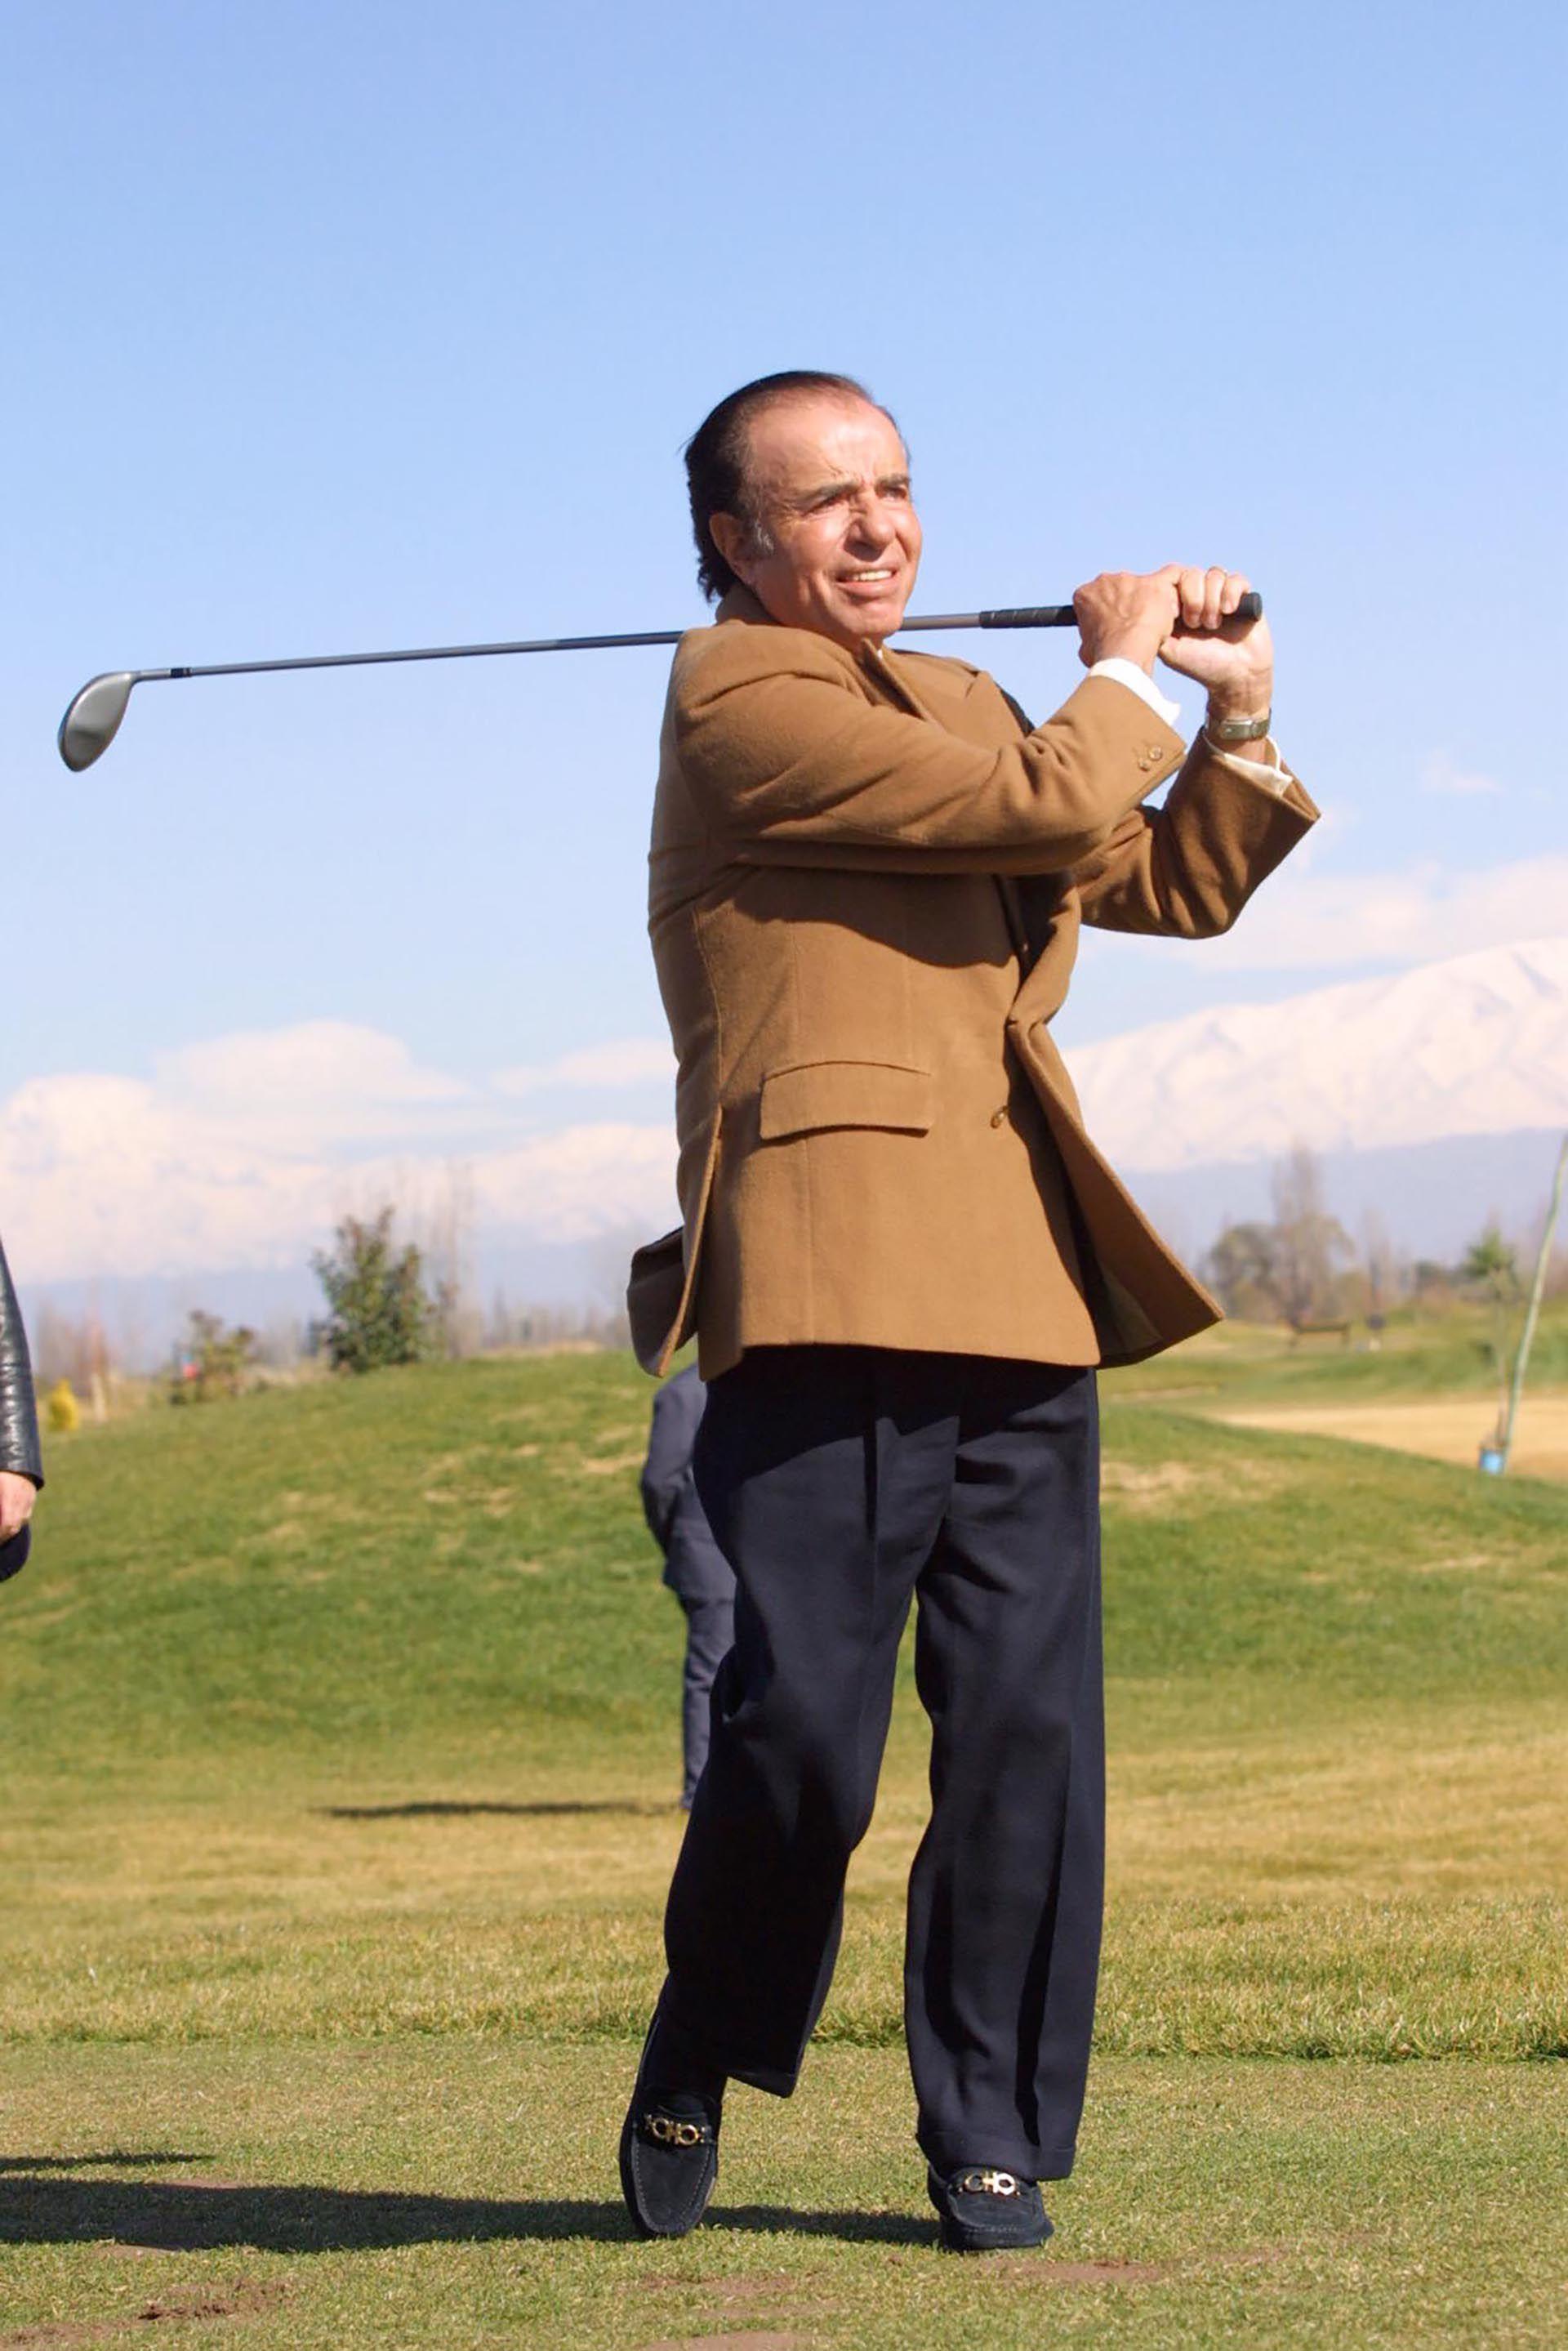 Golf, tenis, automovilismo, fútbol, entre otros pasatiempos, Menem fue un activo deportista. No se privó de manejar una Ferrari a alta velocidad ni de hacer el deporte un ámbito de intercambio y de relaciones públicas durante sus dos períodos de gobierno.